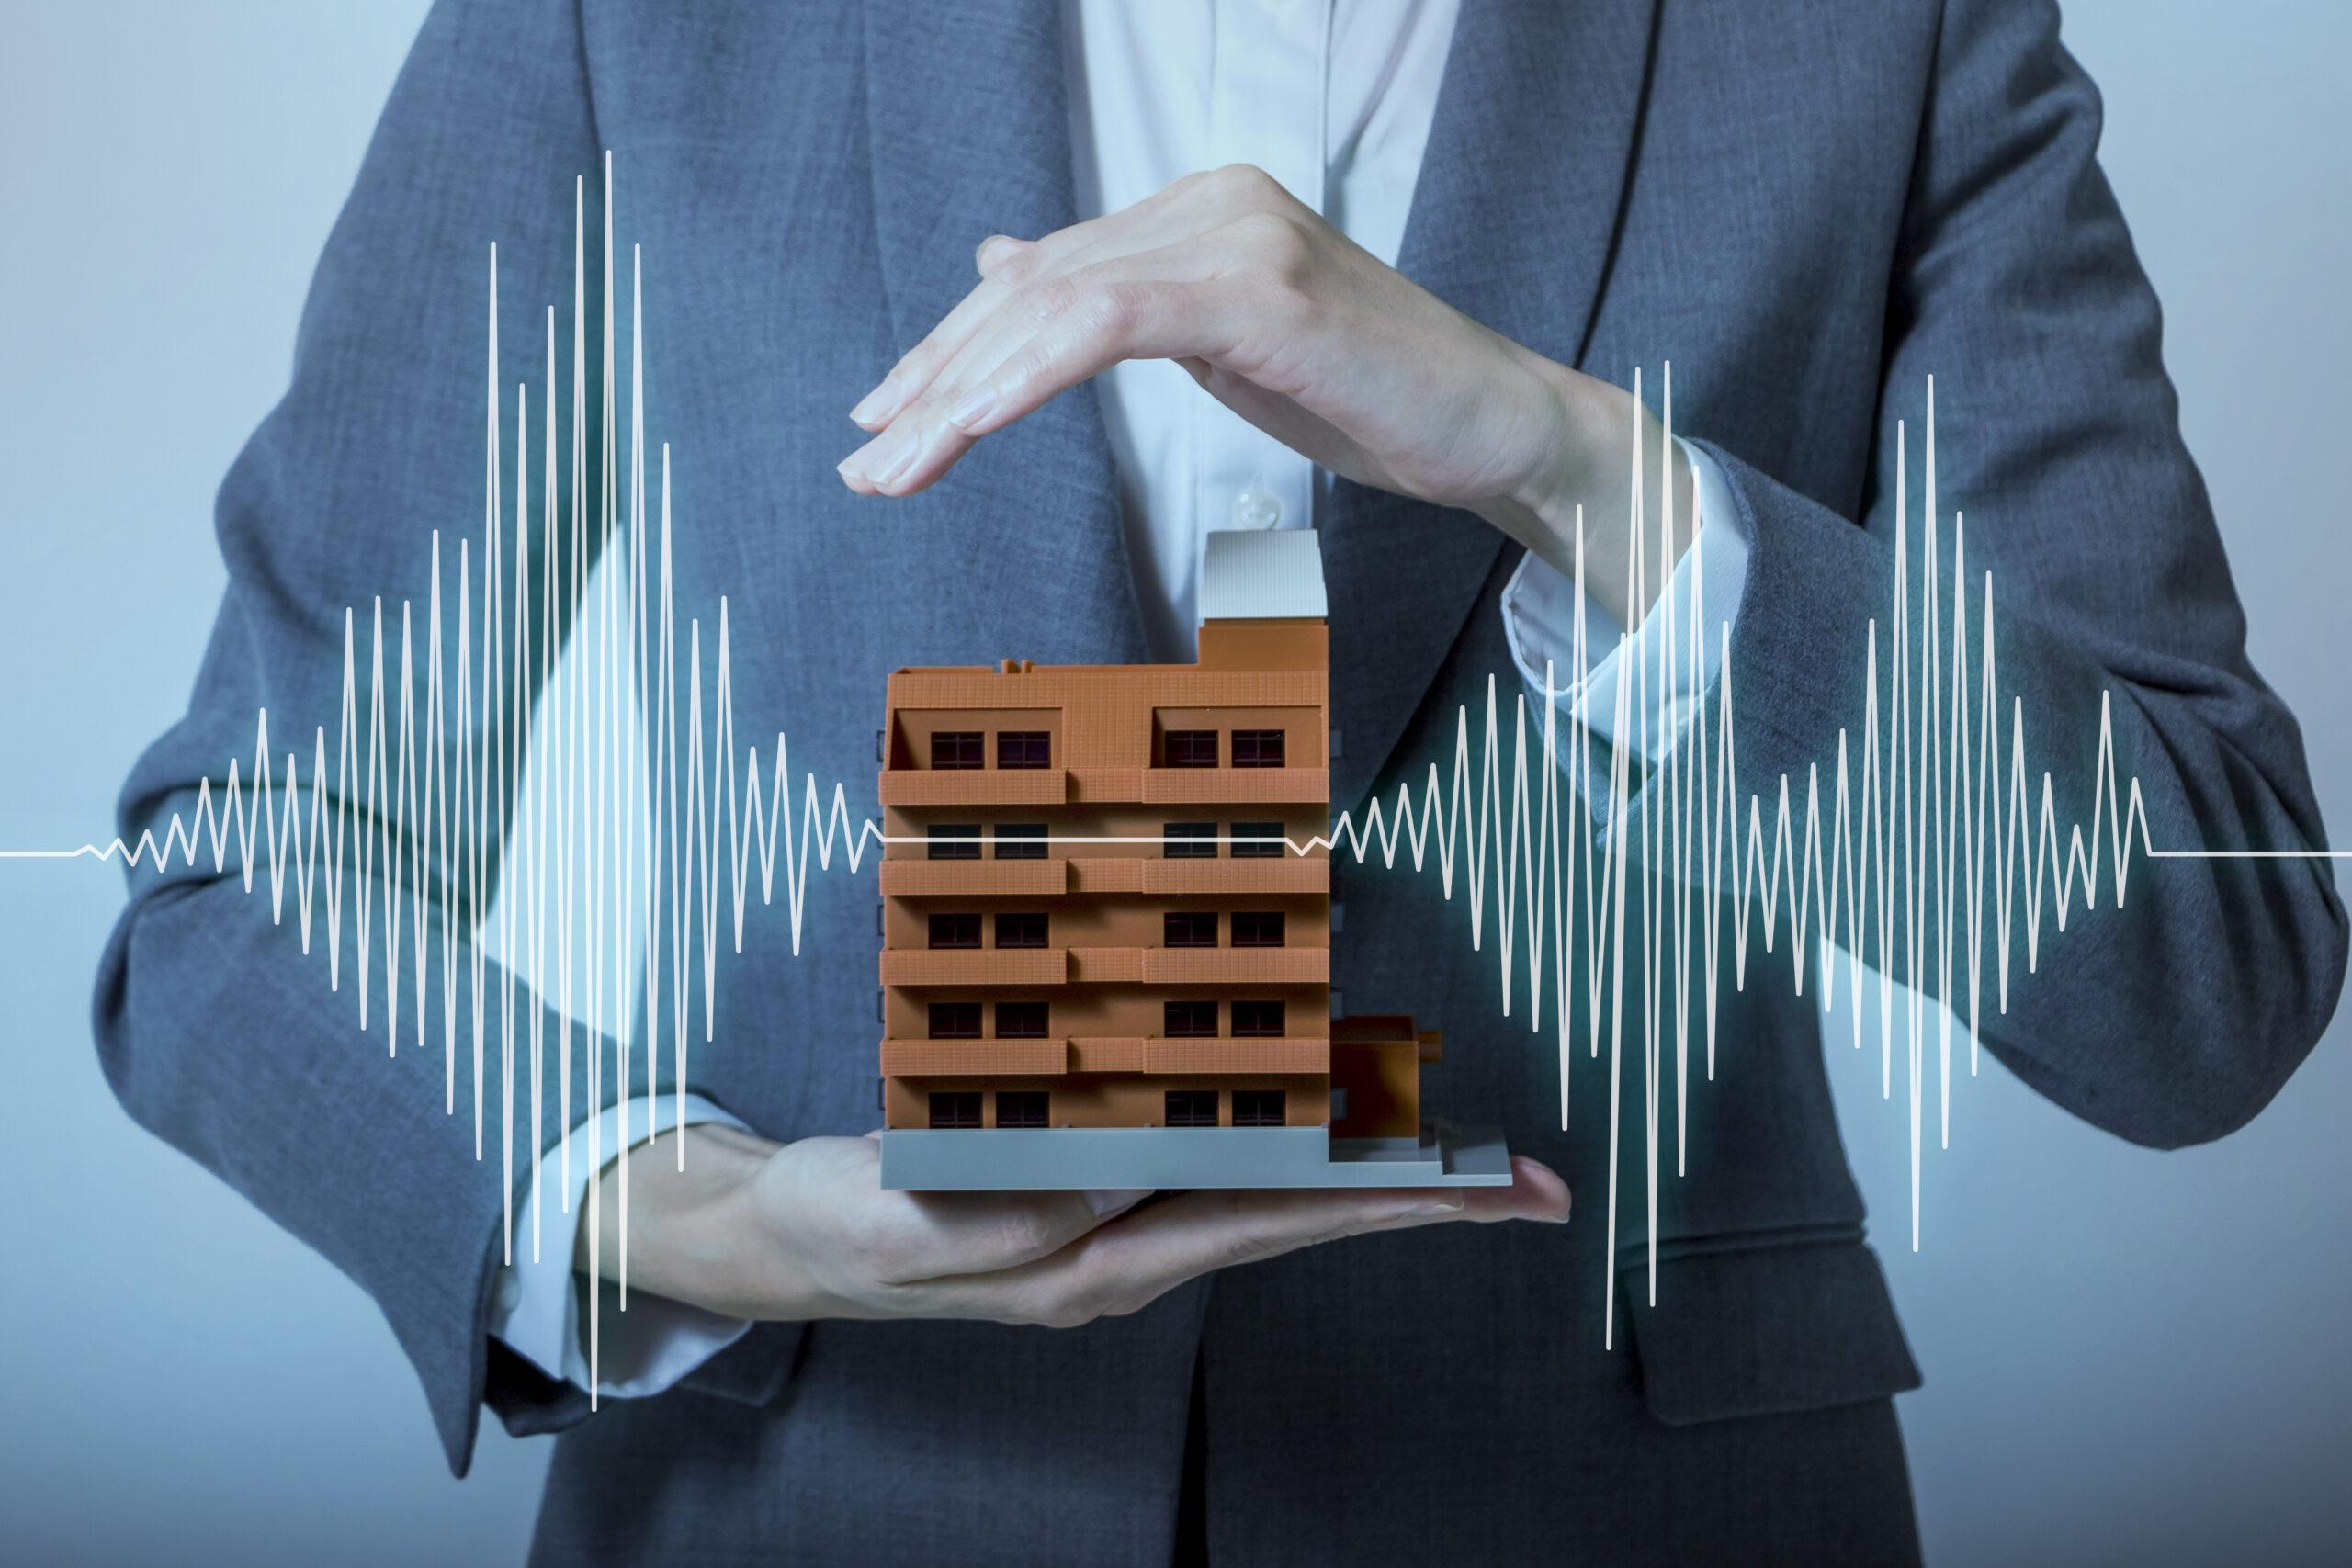 地震保険でアパートを建て直せる?どこまで補償を手厚くすればいい?